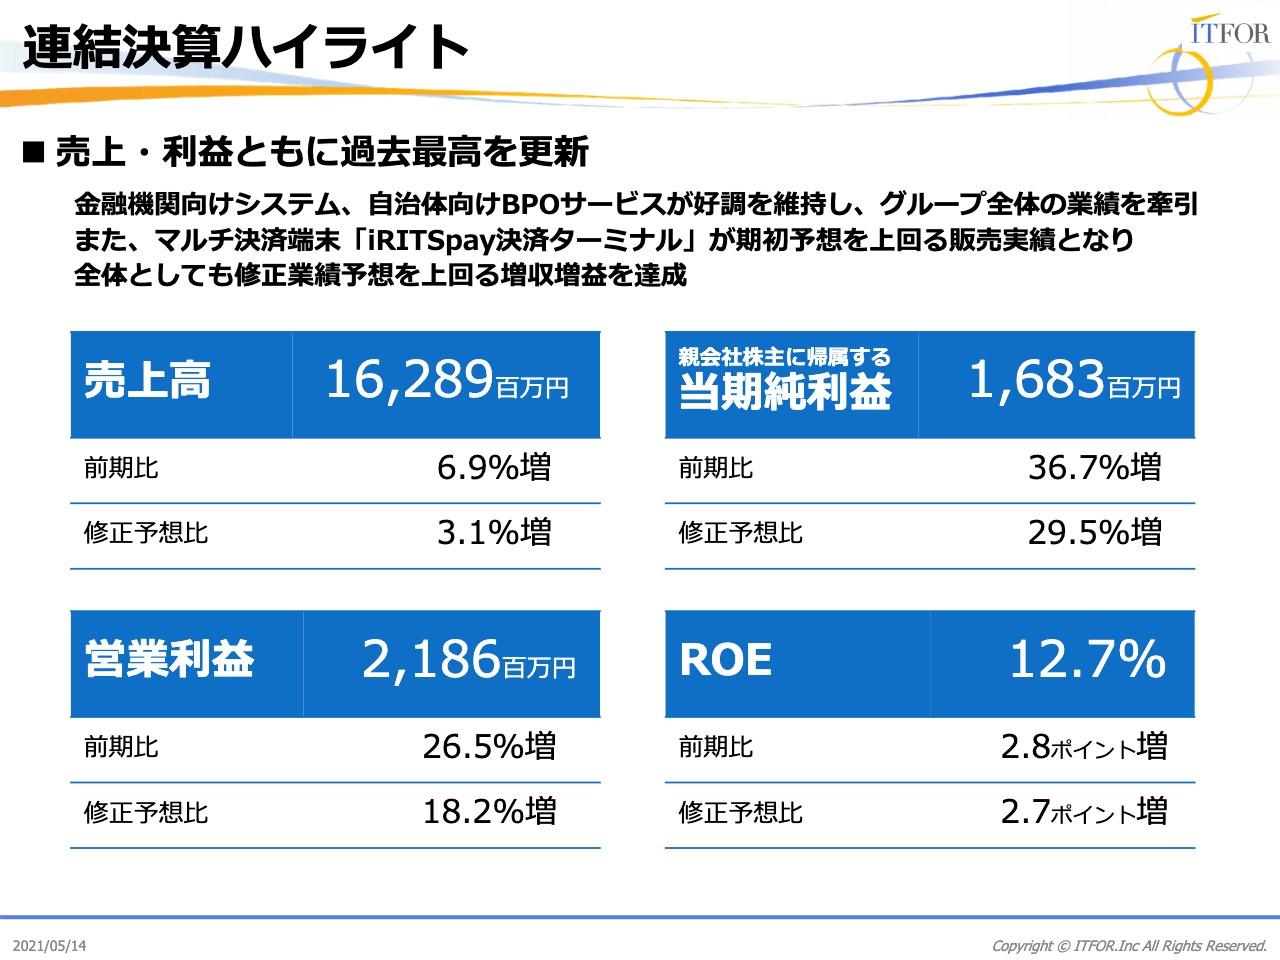 アイティフォー、第3次中期経営計画を発表 2023年度に売上高210億、営業利益32億、ROIC13%以上を目指す